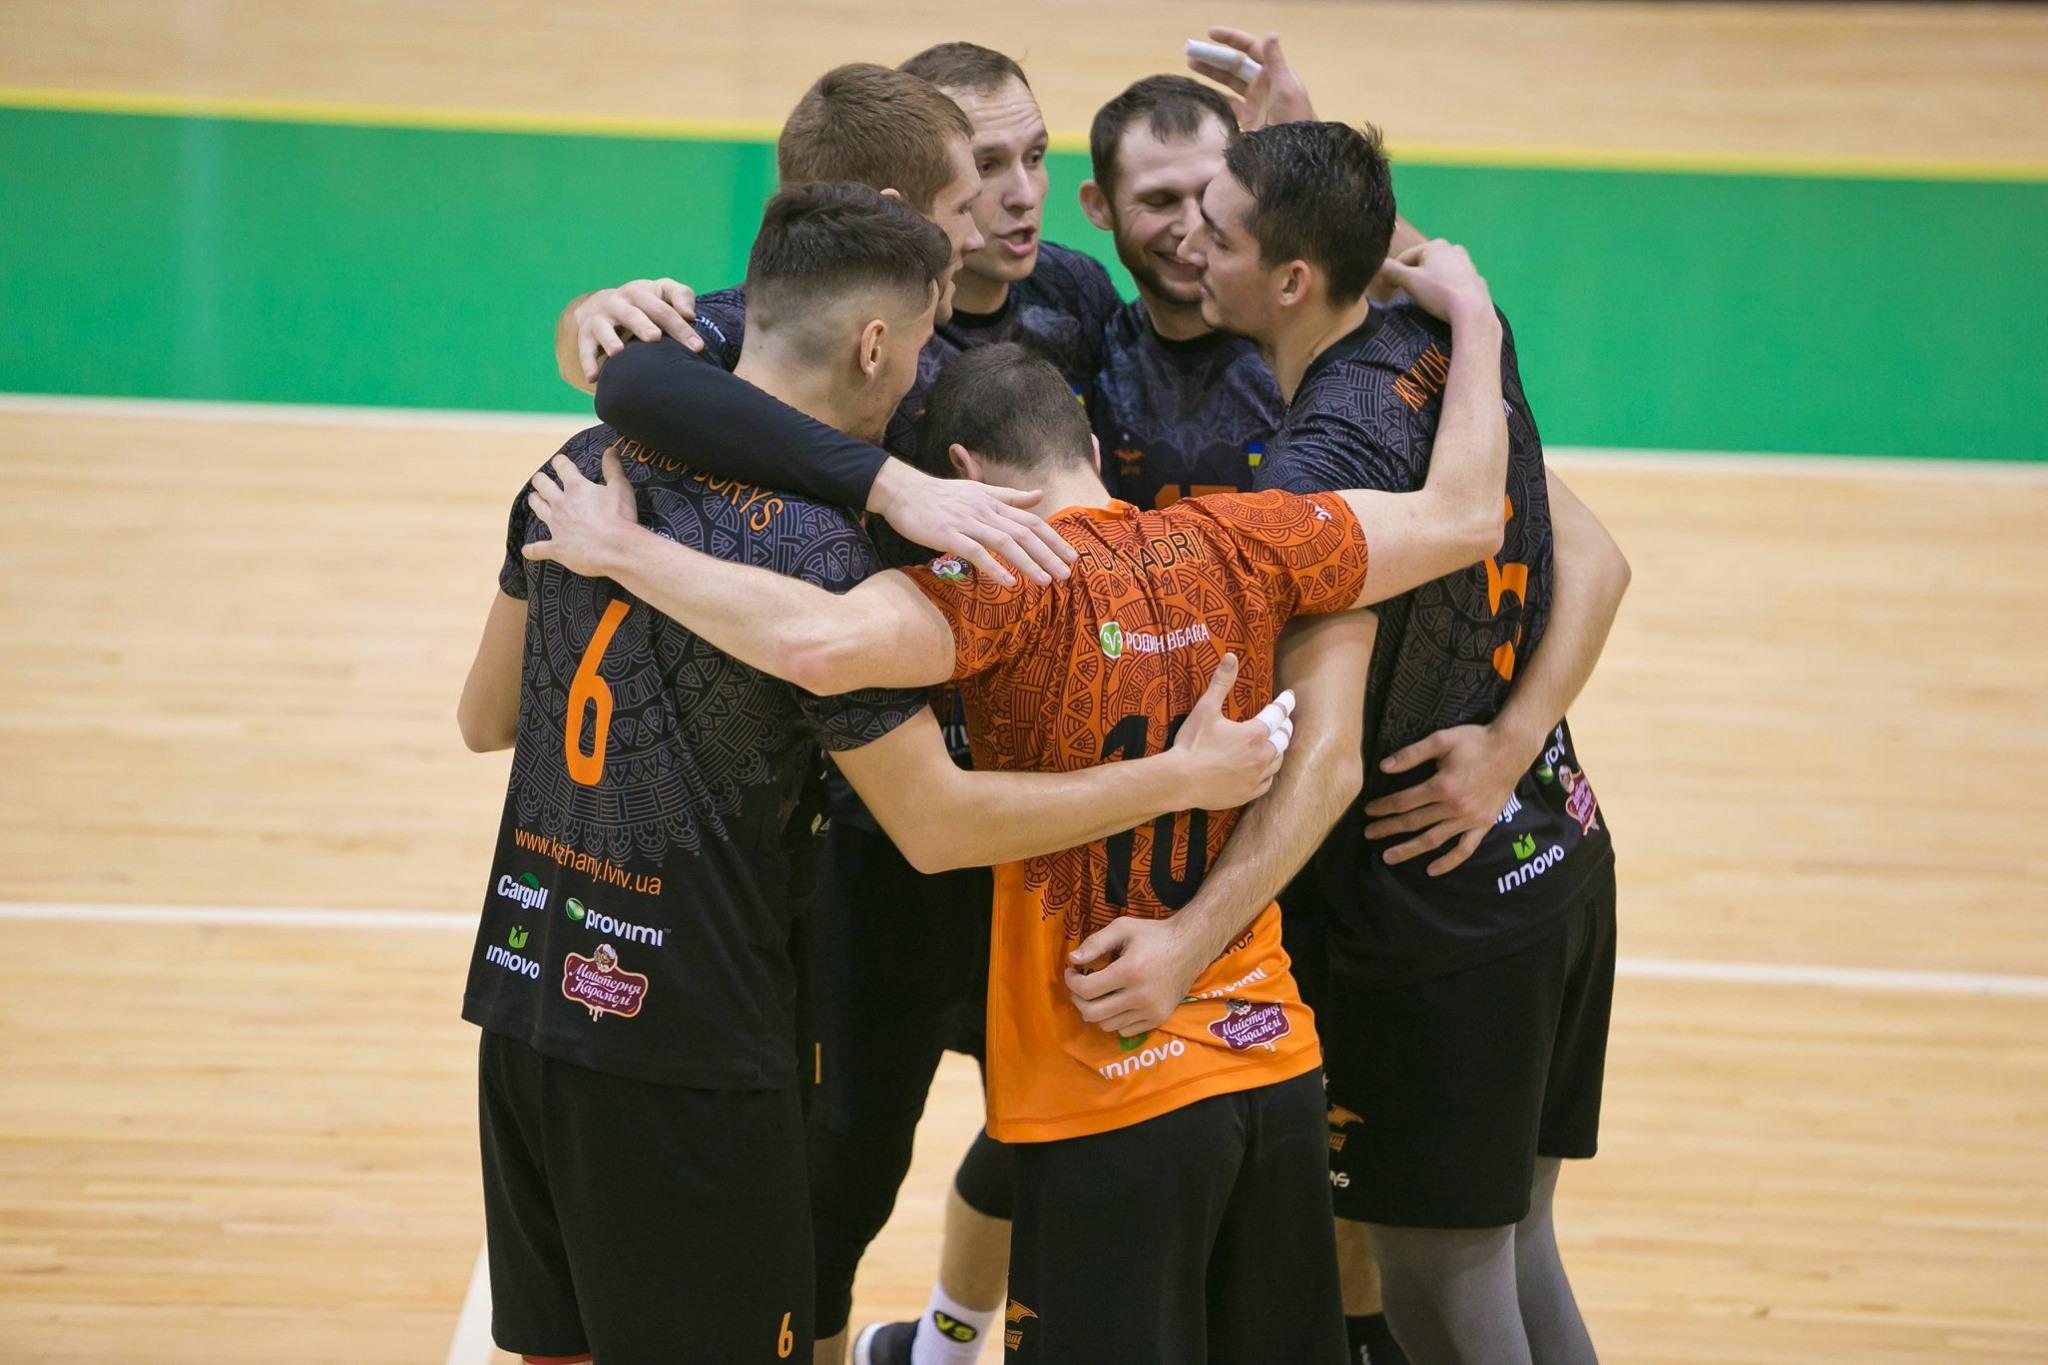 Львівські волейбольні «Кажани» двічі обіграли вдома харківську «ЮрАкадемію» (відео)